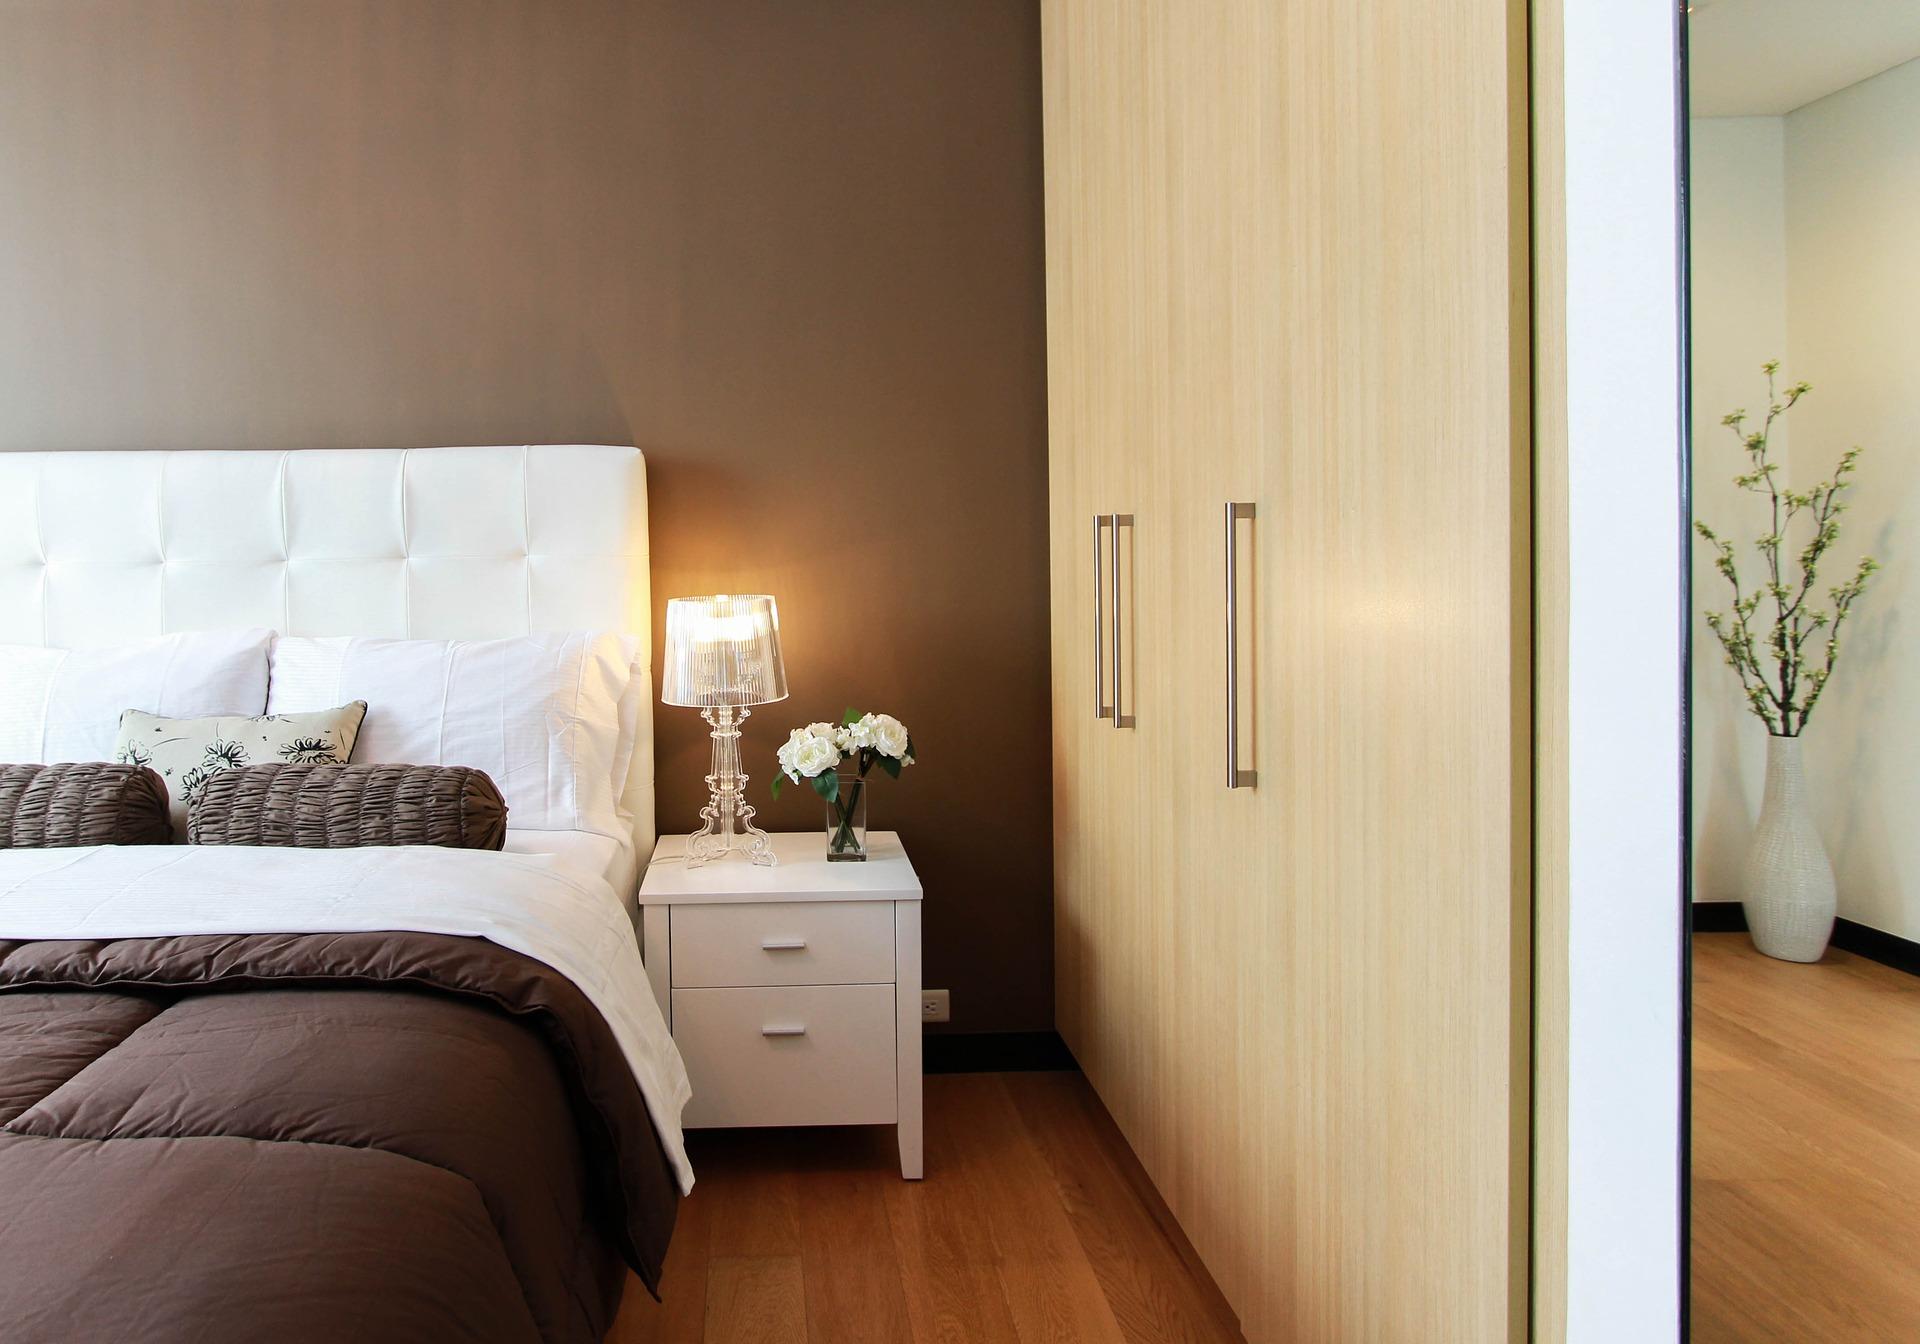 Guide: Sådan får du en bedre belysning i soveværelset